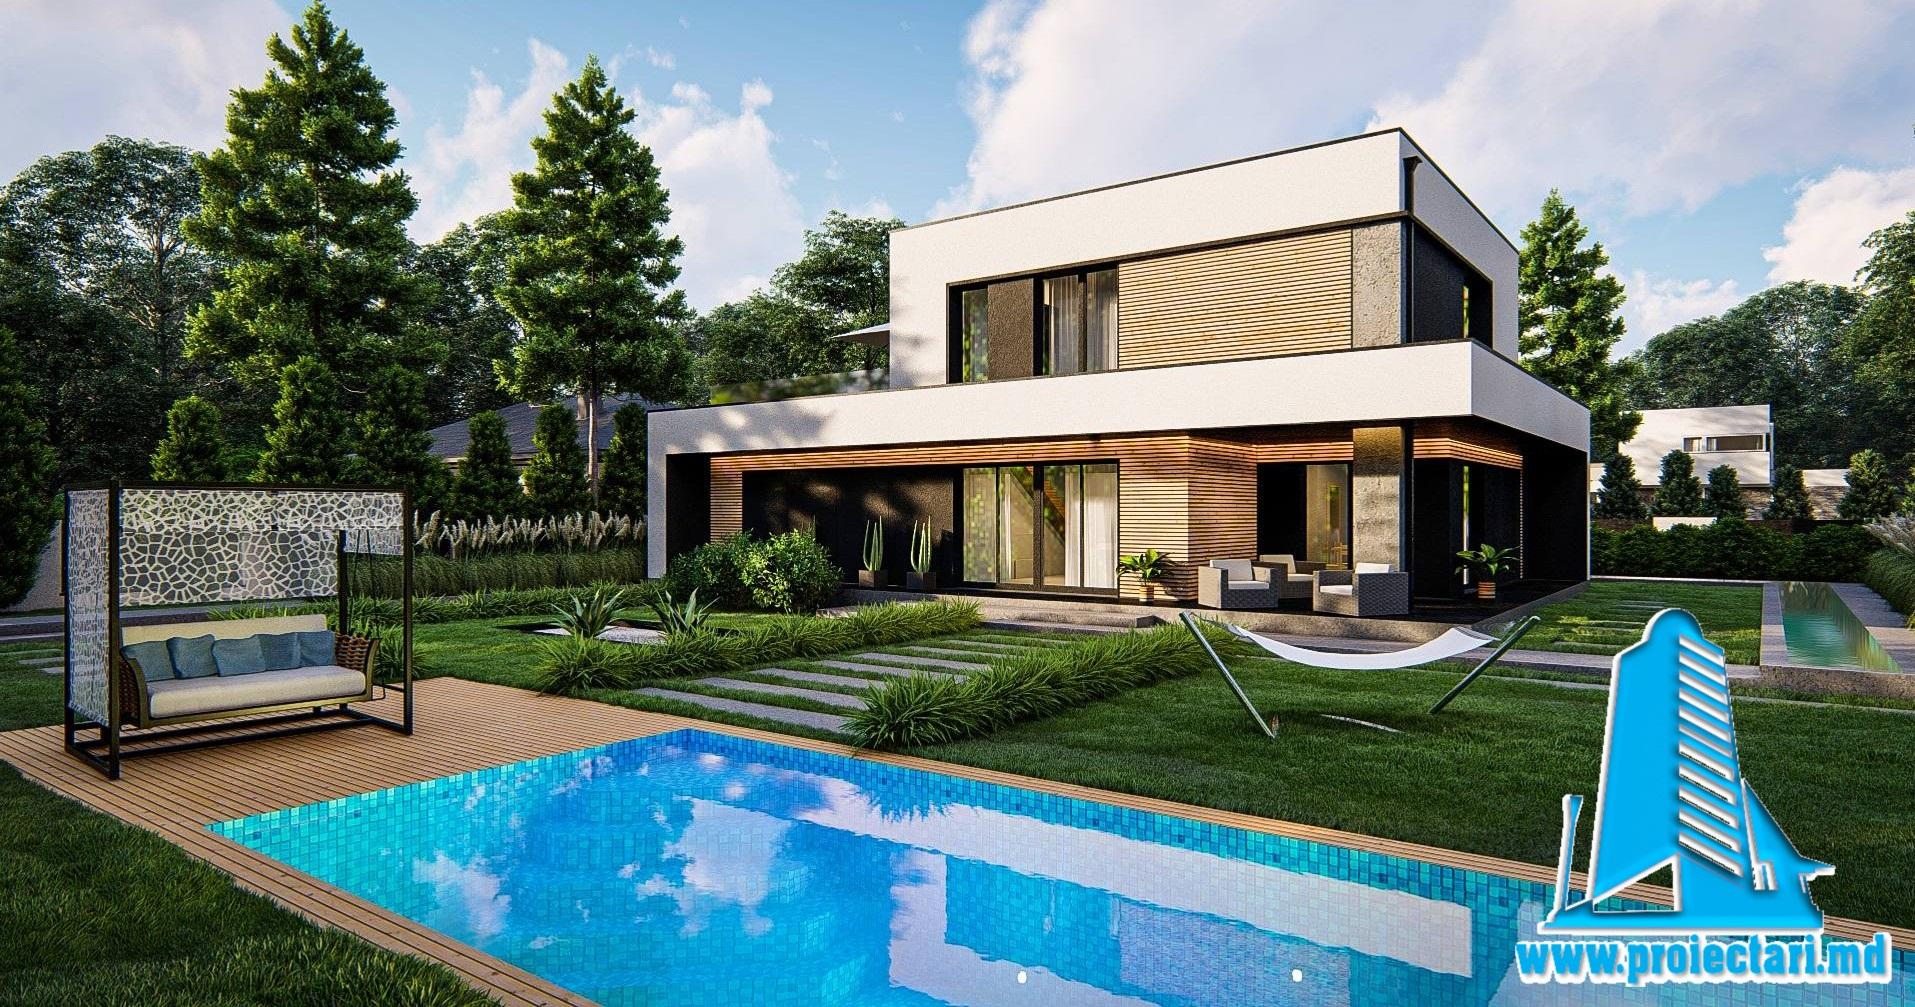 Proiect de casa cu doua etaje, acoperis plat si garaj pentru 2 automobile 200 m2- 101078